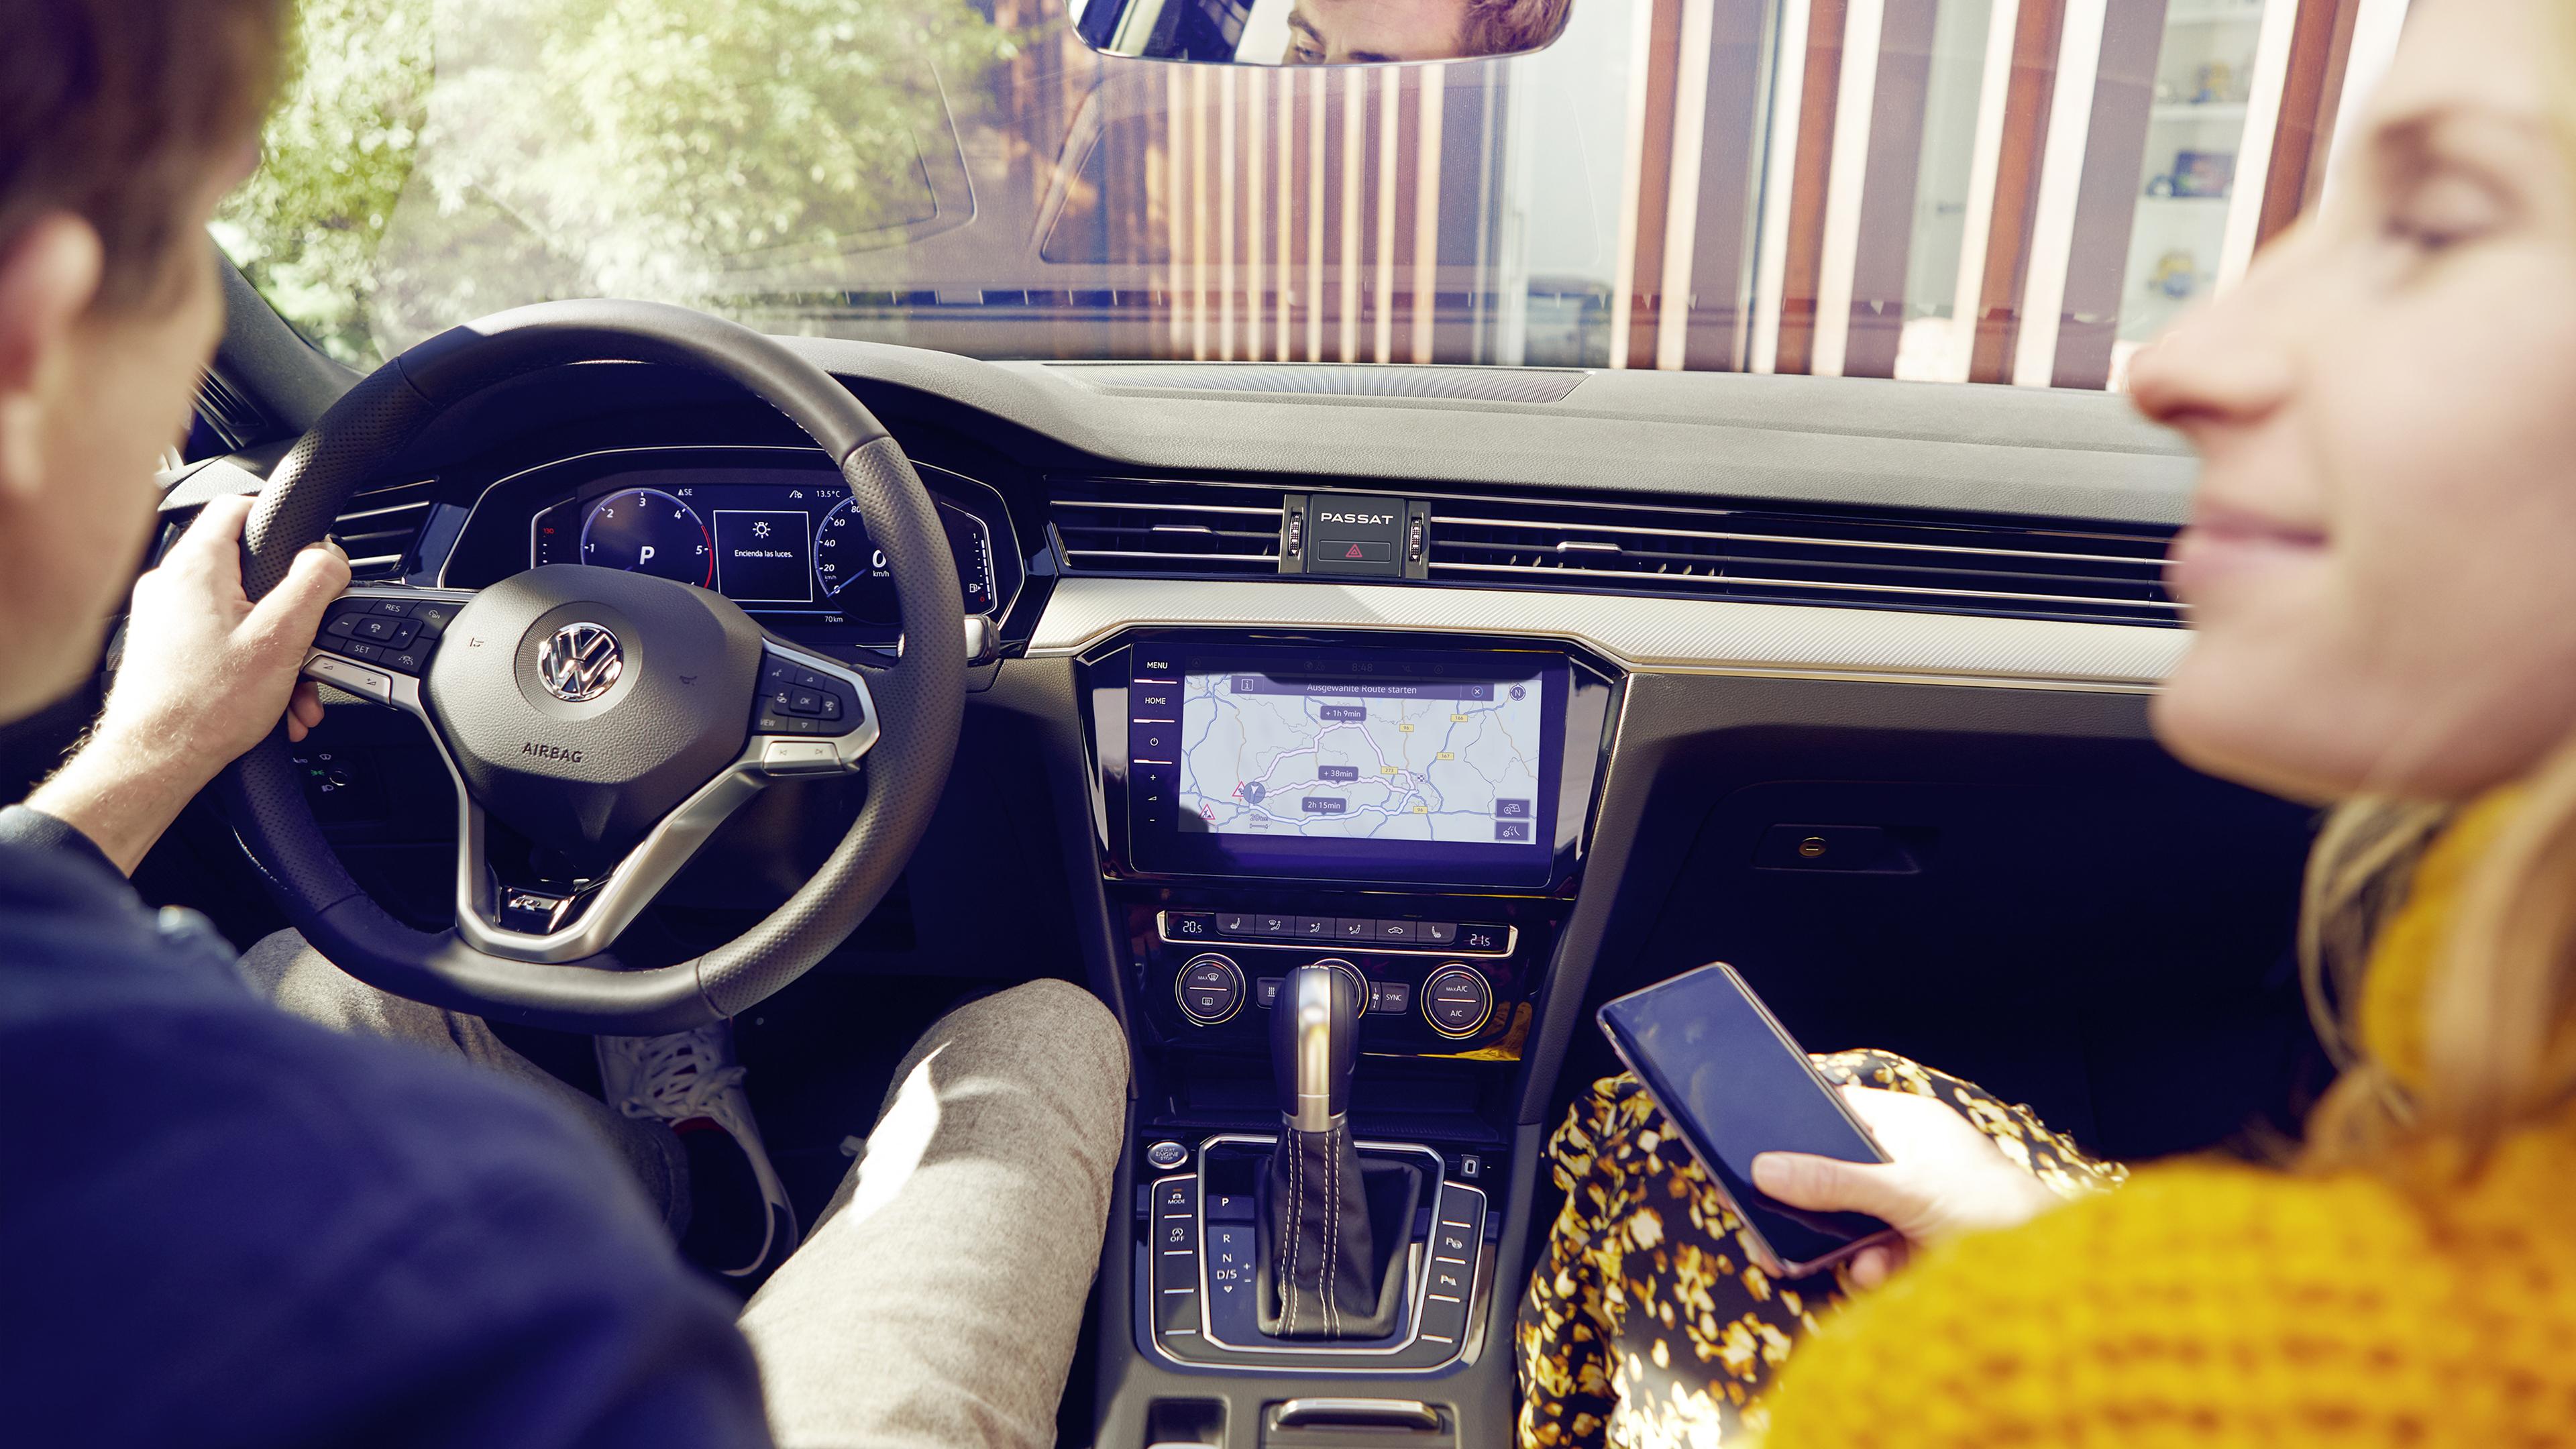 Eeste rijtest nieuwe Volkswagen Passat 2020